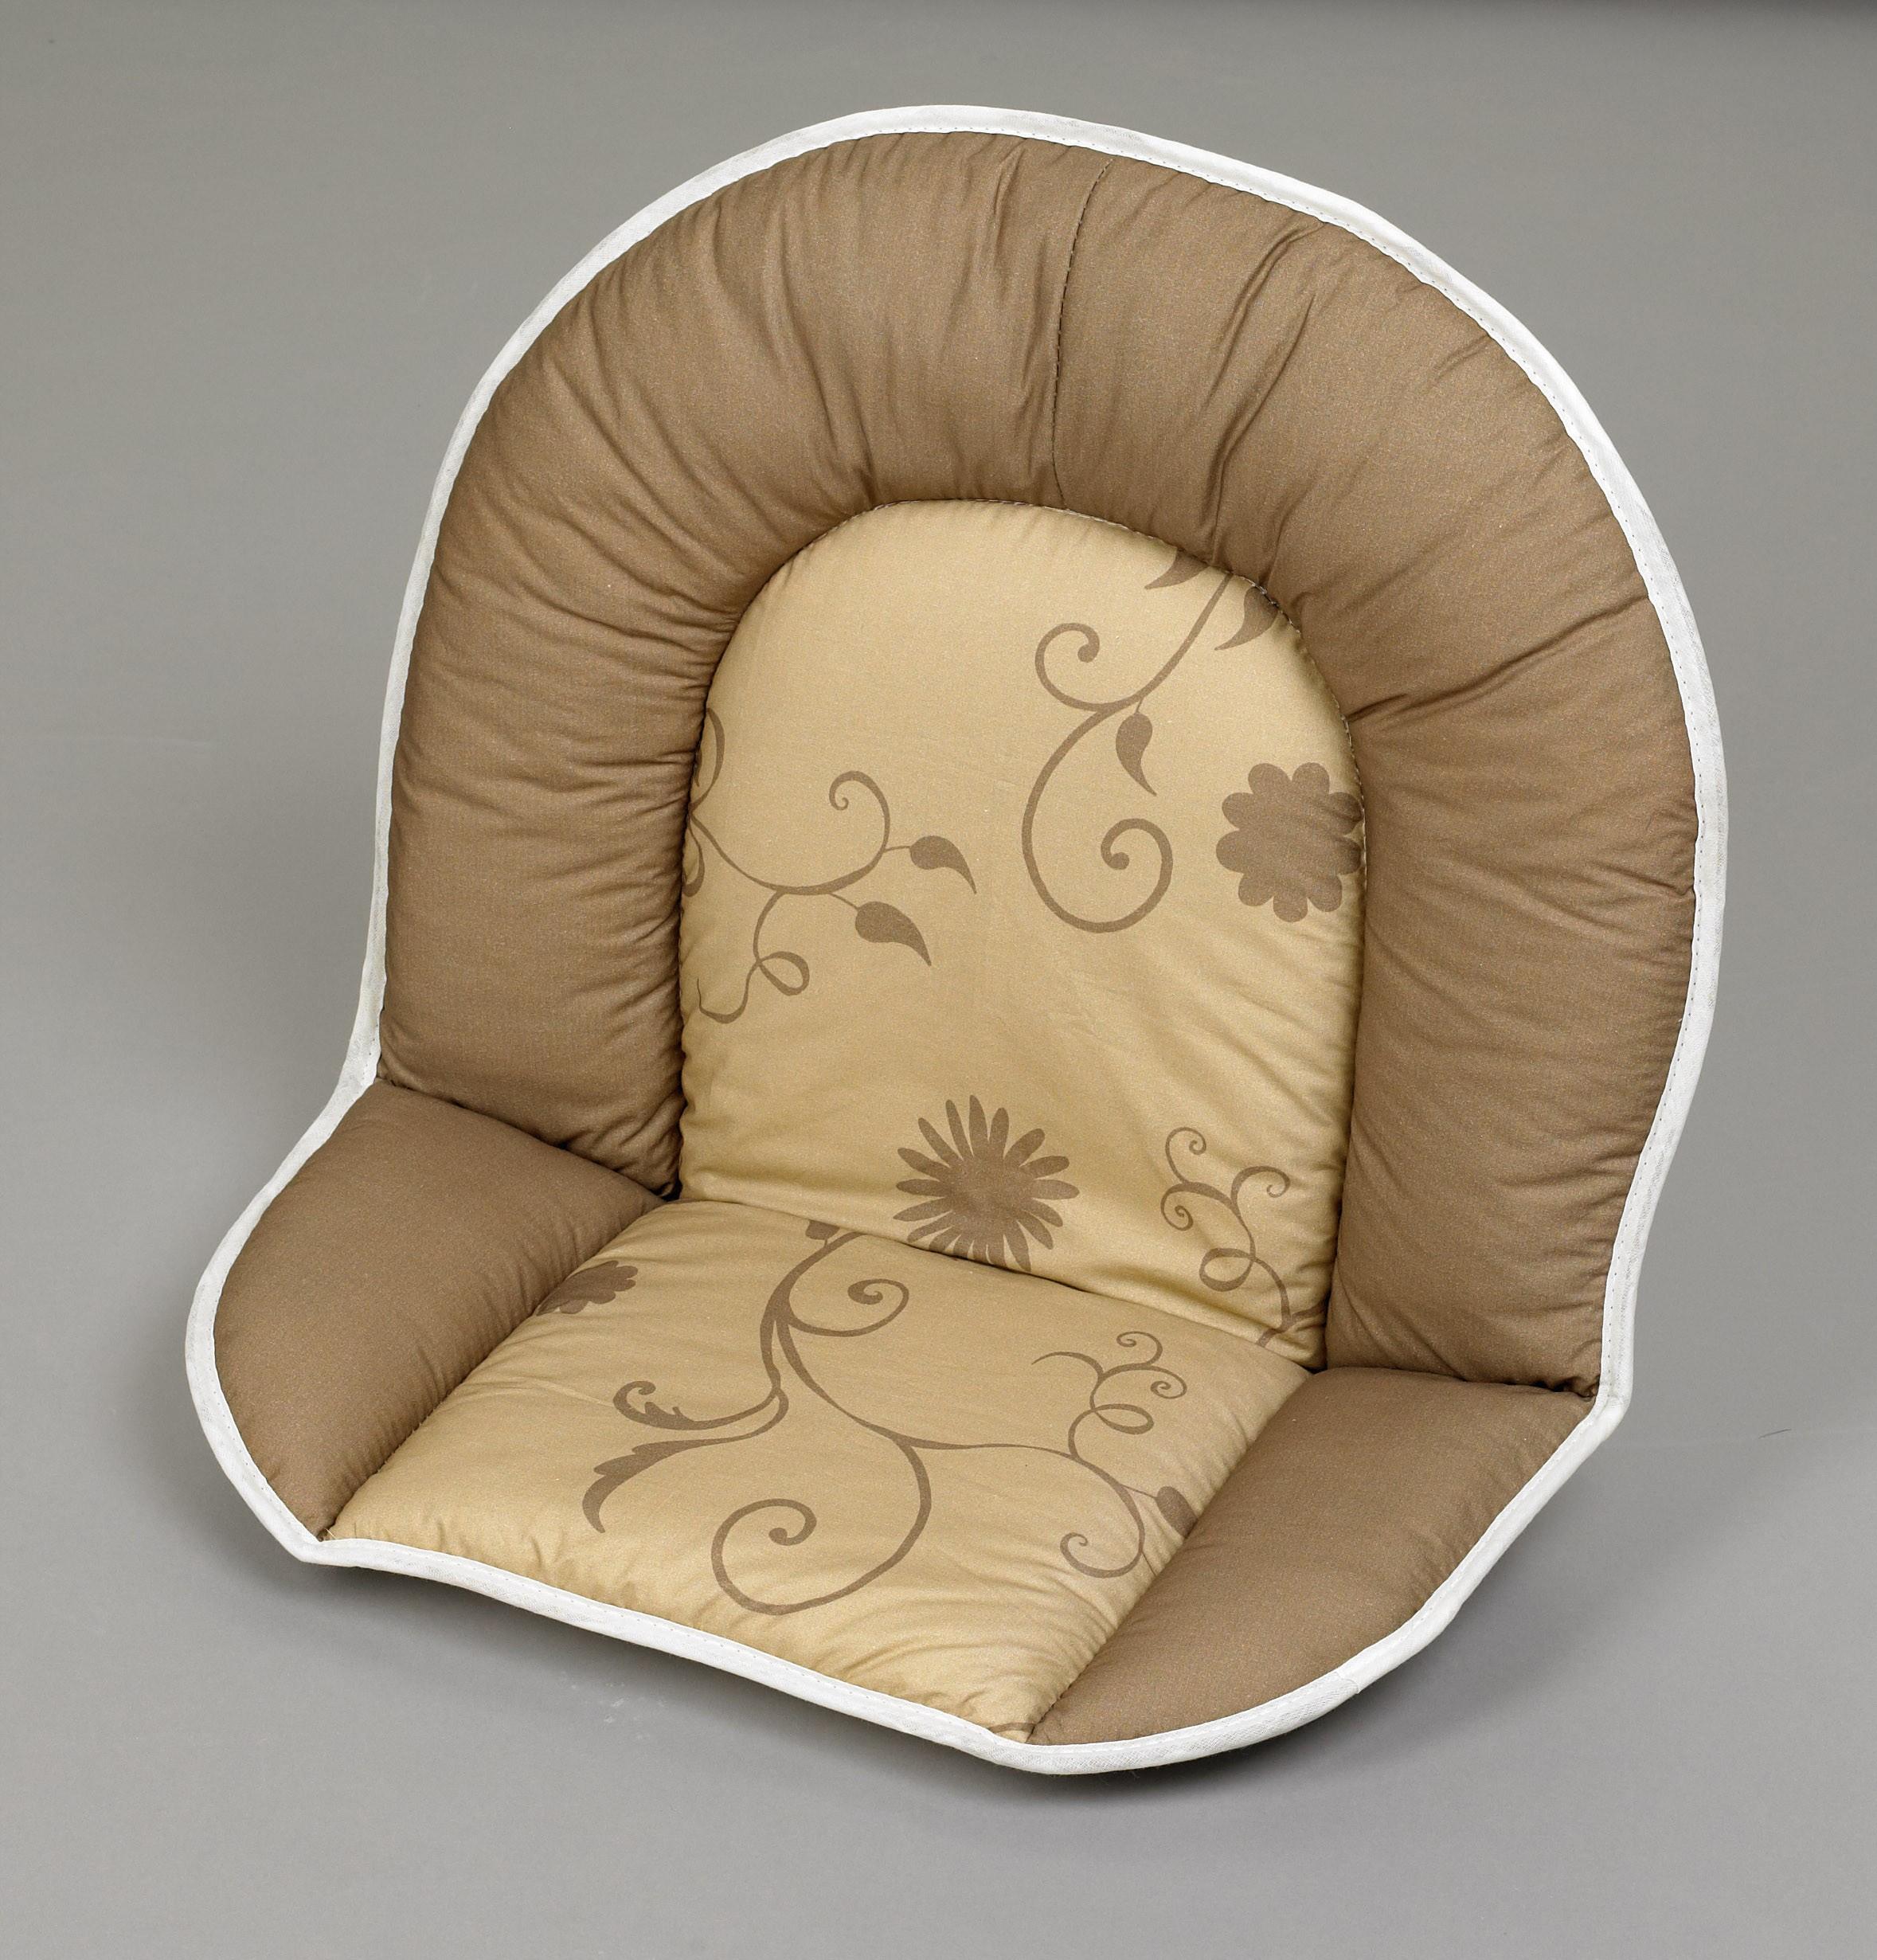 Geuther Family Sitzverkleinerer 4737 Design 121